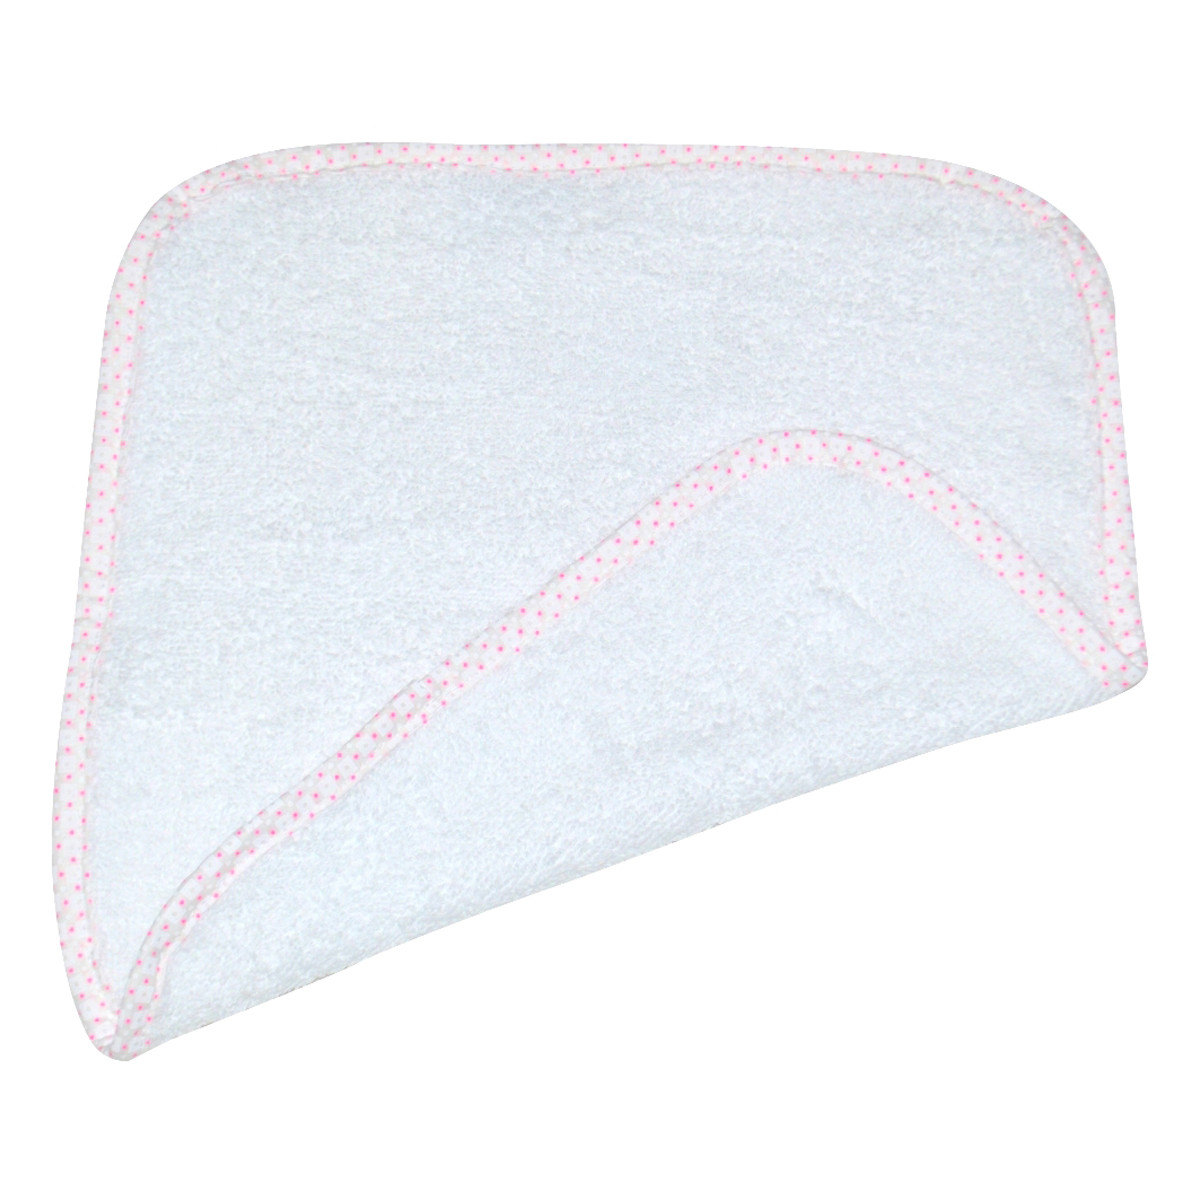 Βρεφική Λαβέτα (30×30) Κόσμος Του Μωρού 0636 Πουά Ροζ